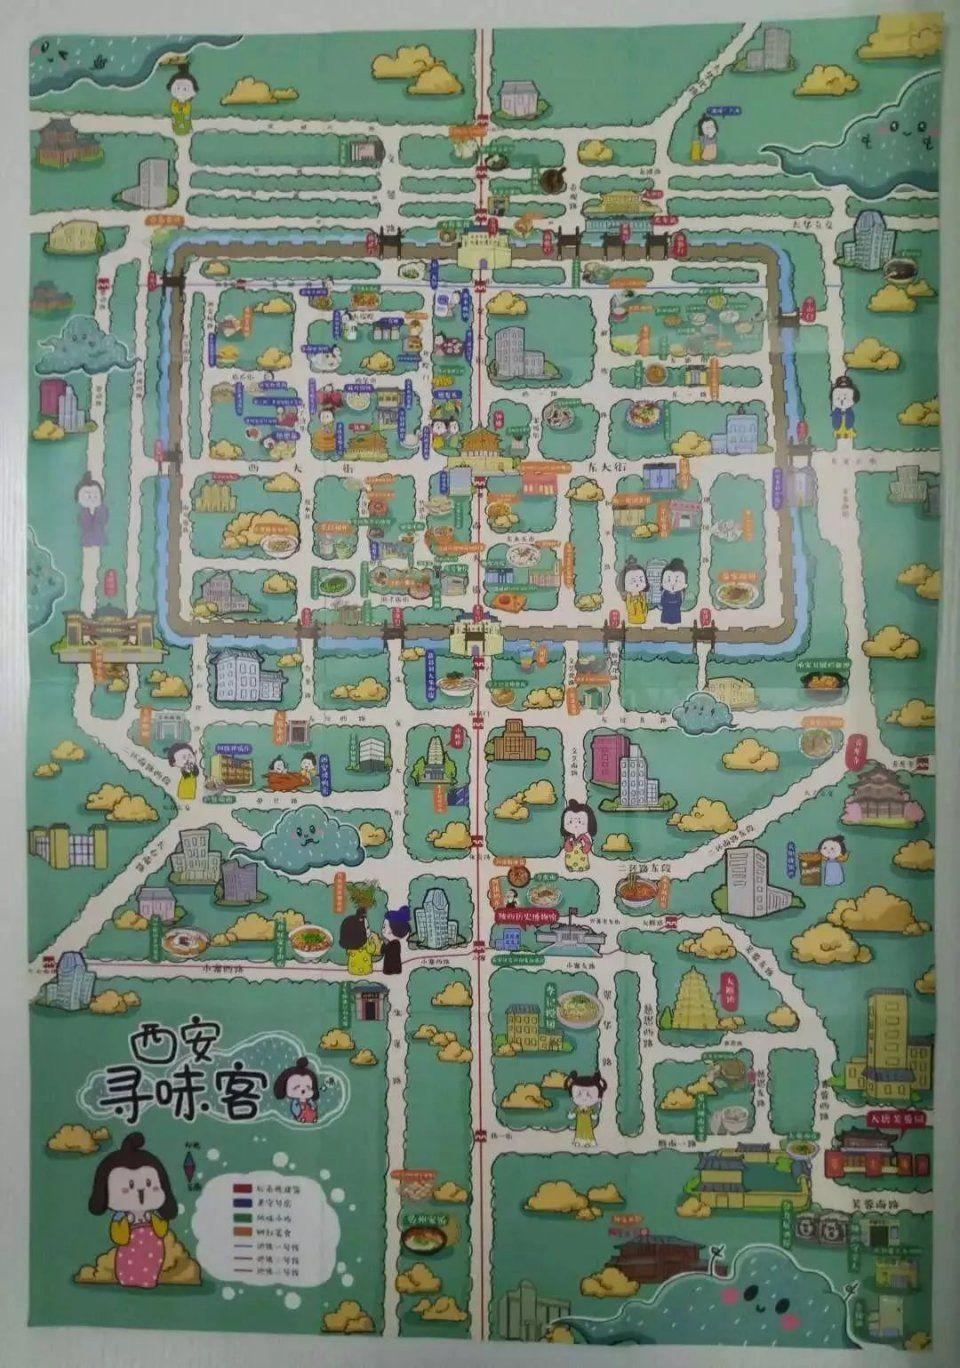 西安美食地图手绘图片_手绘美食地图